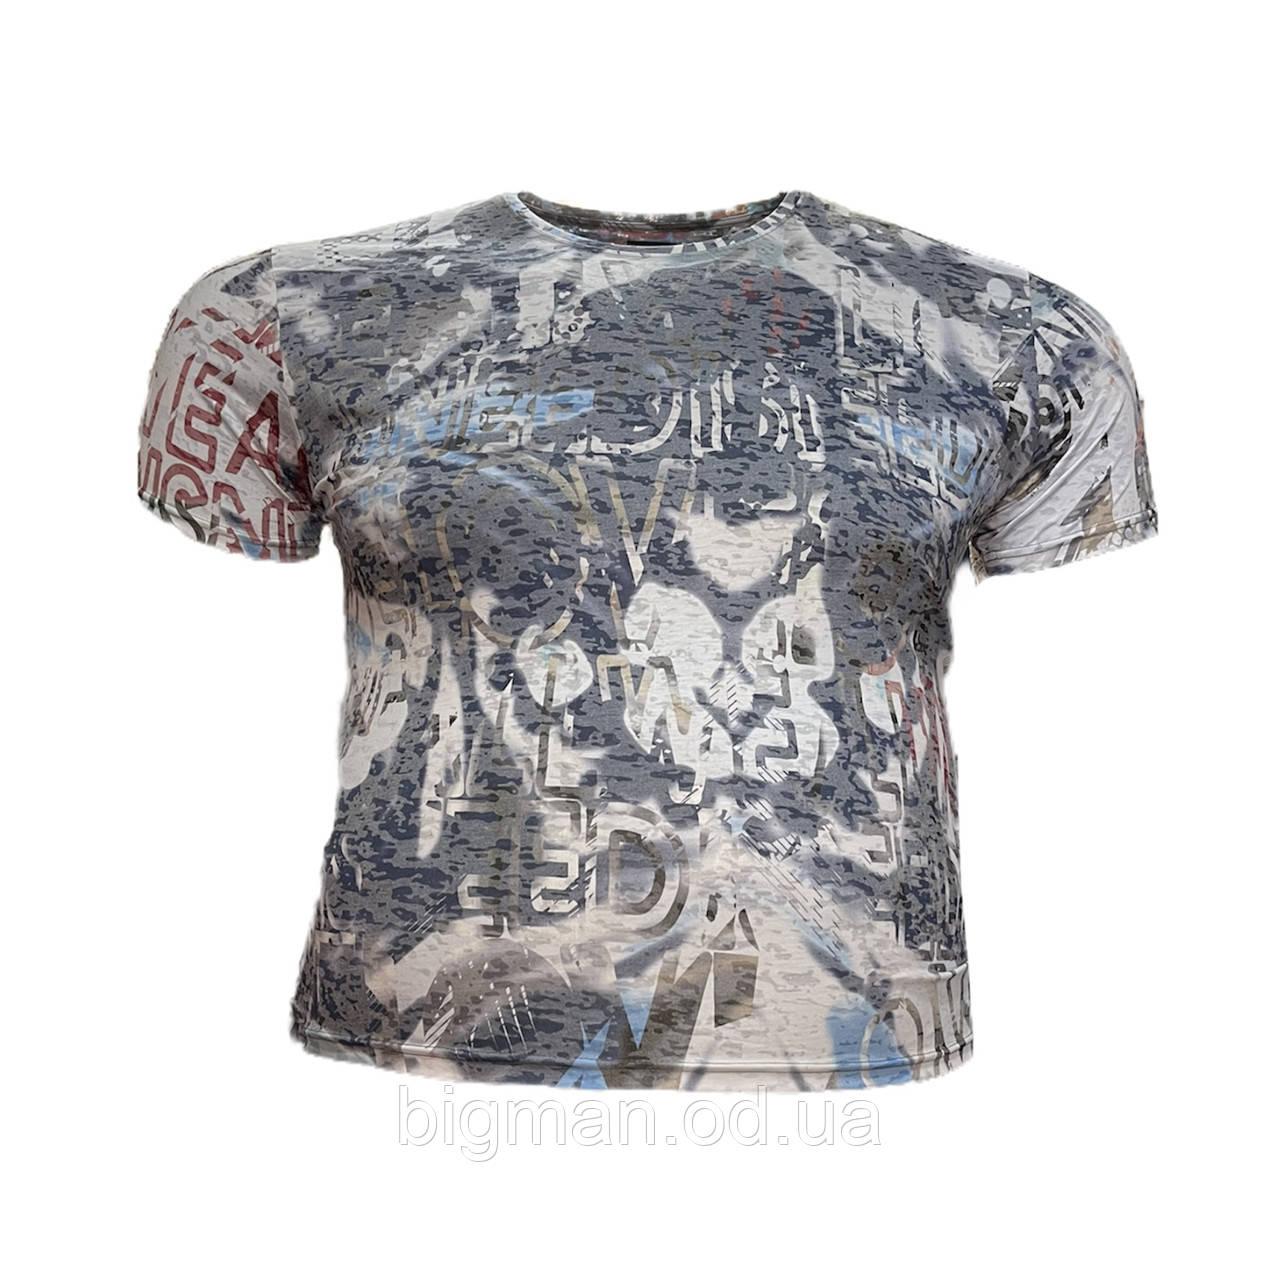 Чоловіча батальна футболка на резинці Jean Piere 12123 6XL 7XL 8XL сіра великі розміри Туреччина